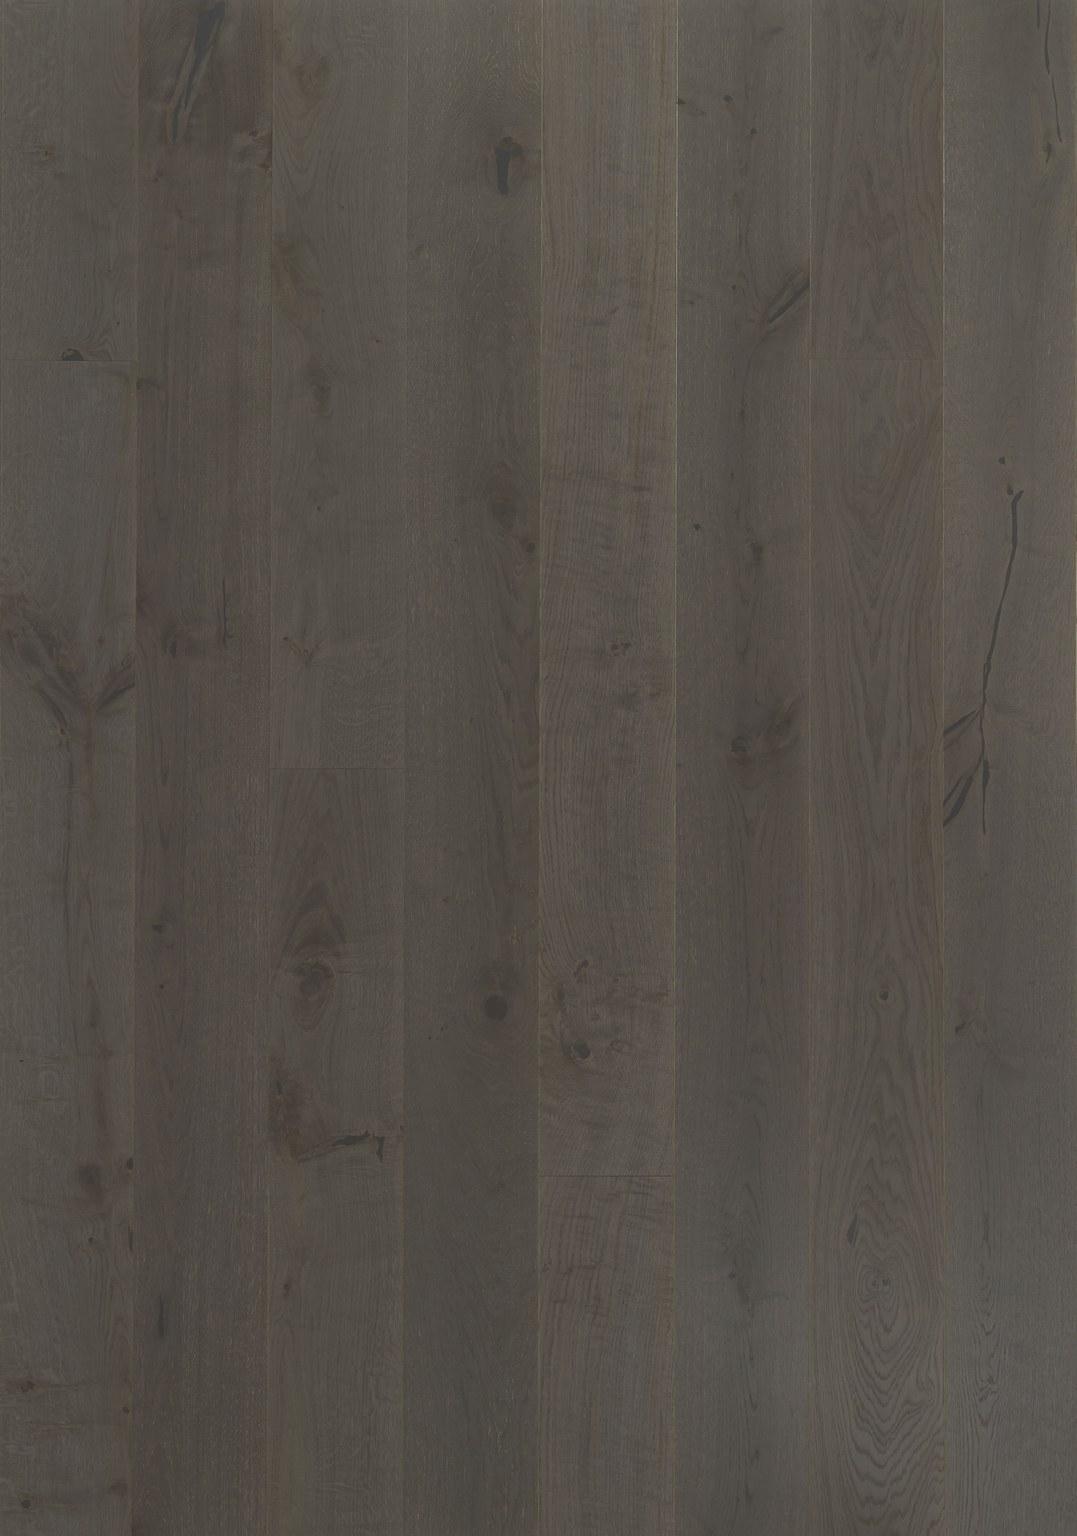 Timberwise Parketti Lankkuparketti Puulattia Wooden Floor Parquet Plank Tammi Oak Vintage Ylläs 2D1